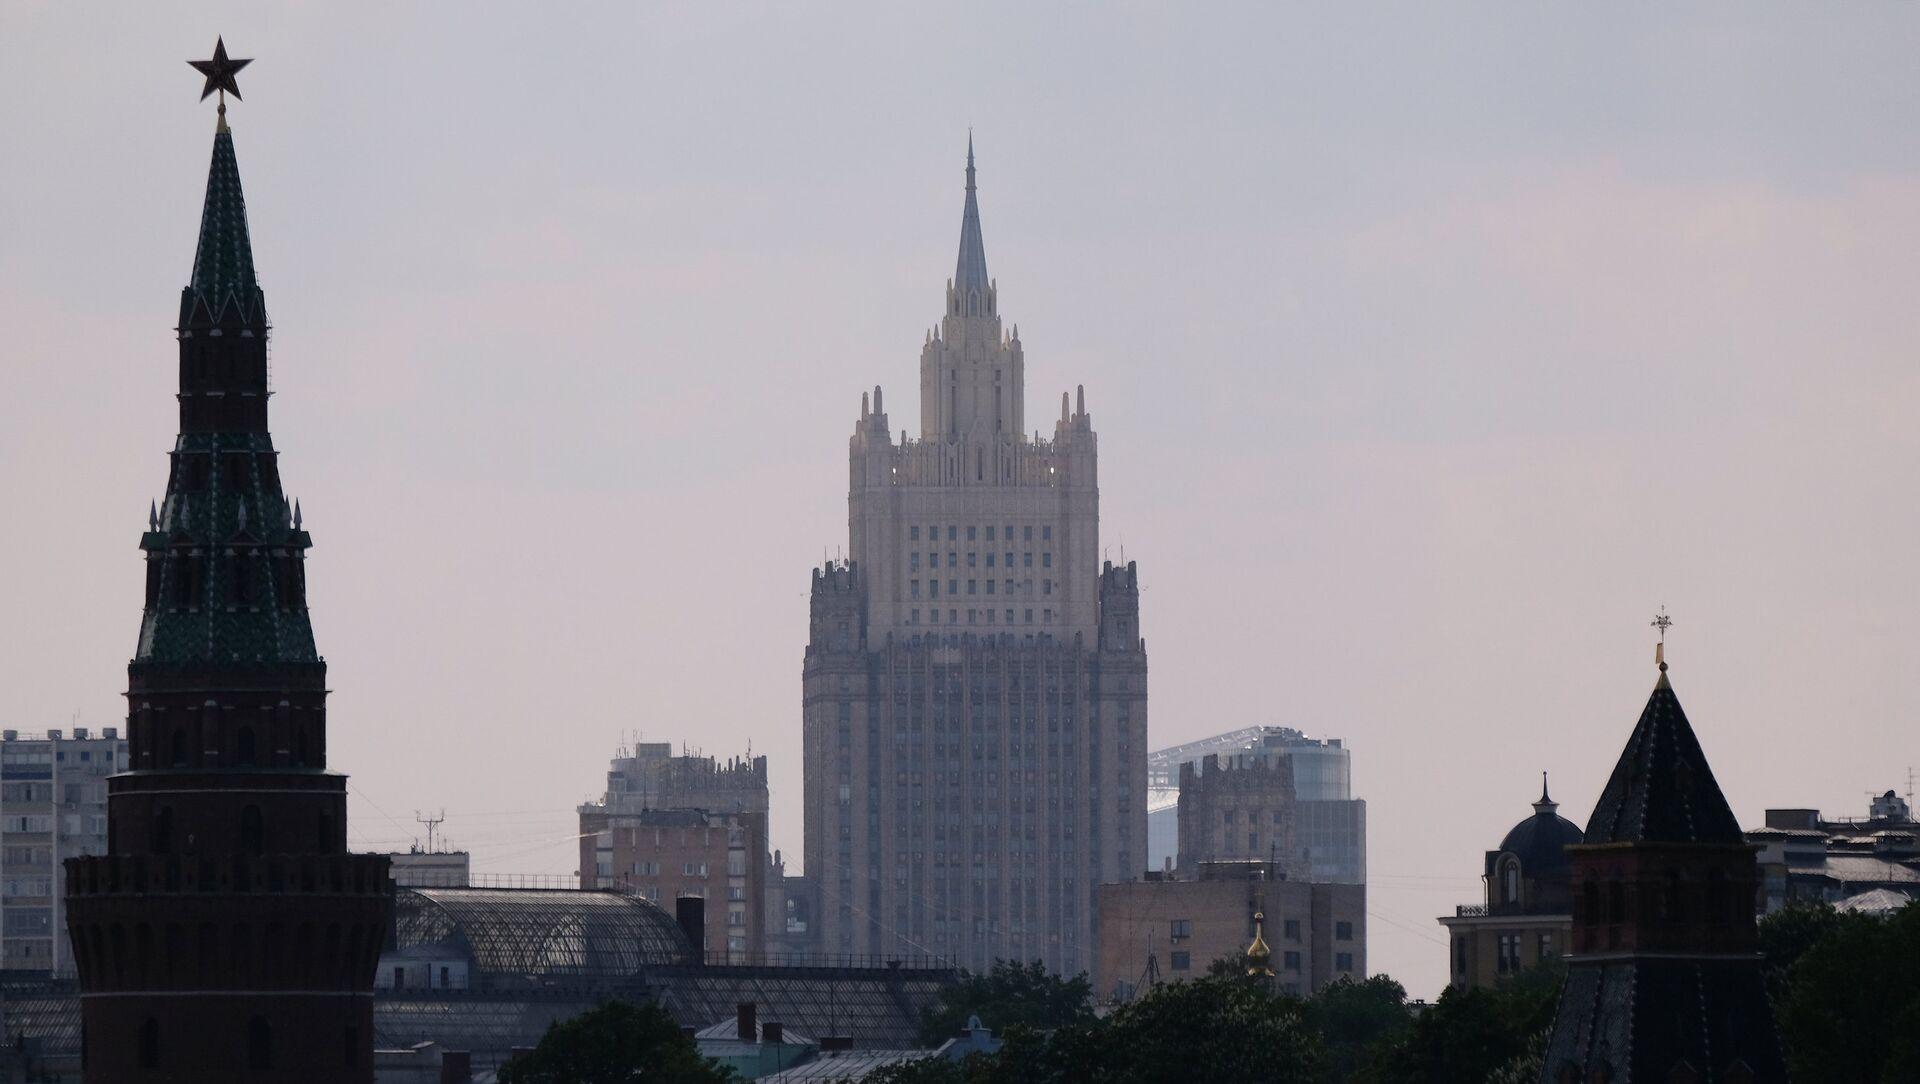 El Ministerio de Asuntos Exteriores de Rusia y el Kremlin - Sputnik Mundo, 1920, 04.02.2021